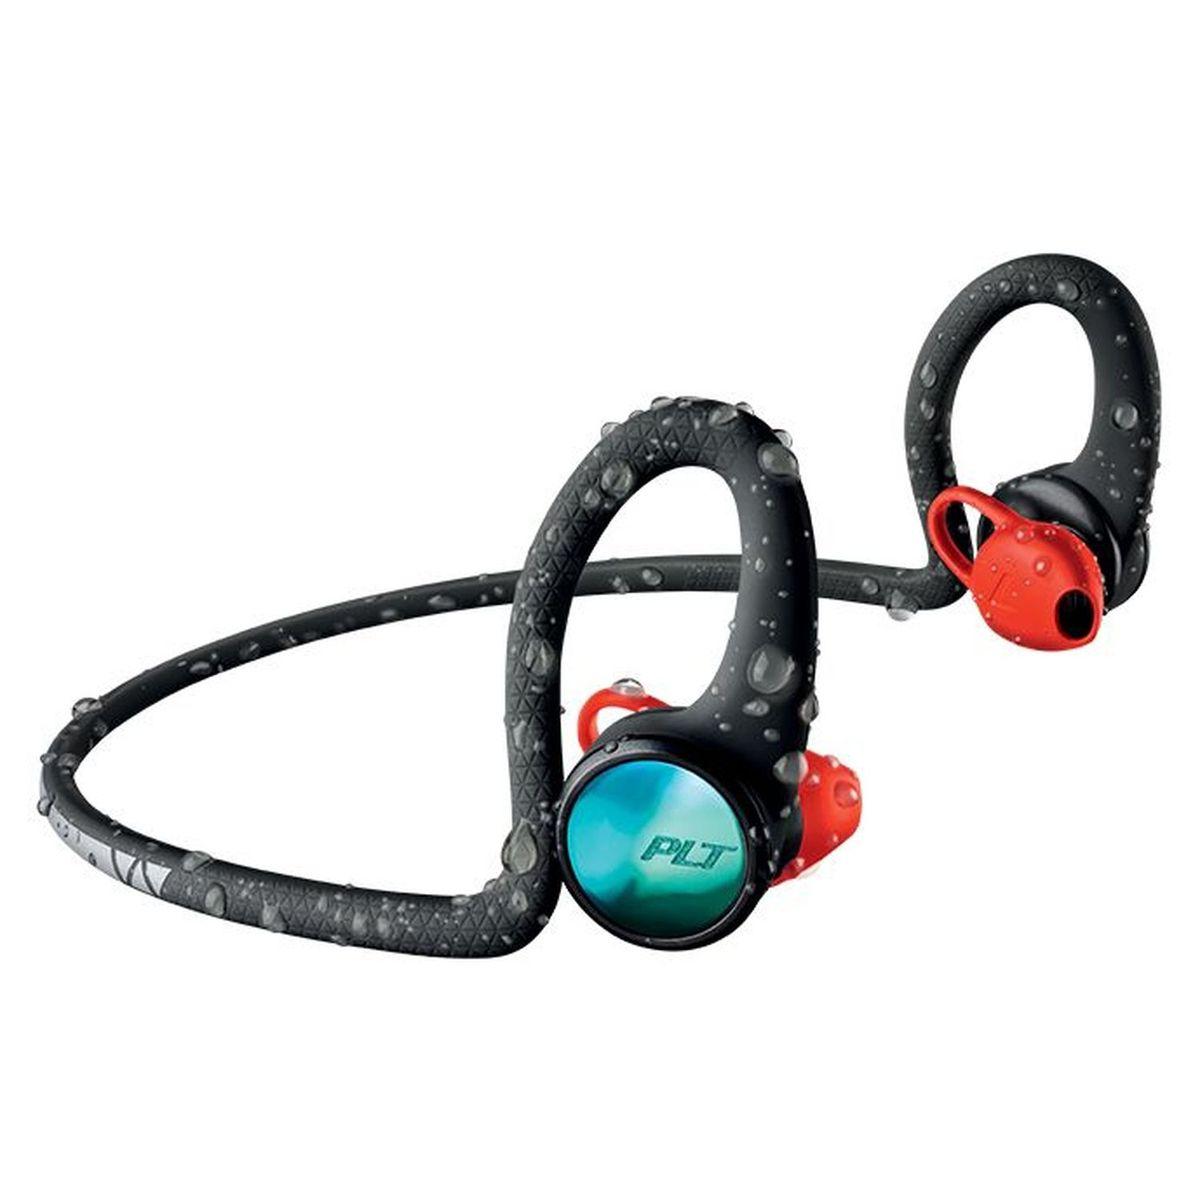 Ecouteurs BACKBEAT FIT 2100 - Noir/bleu/rouge